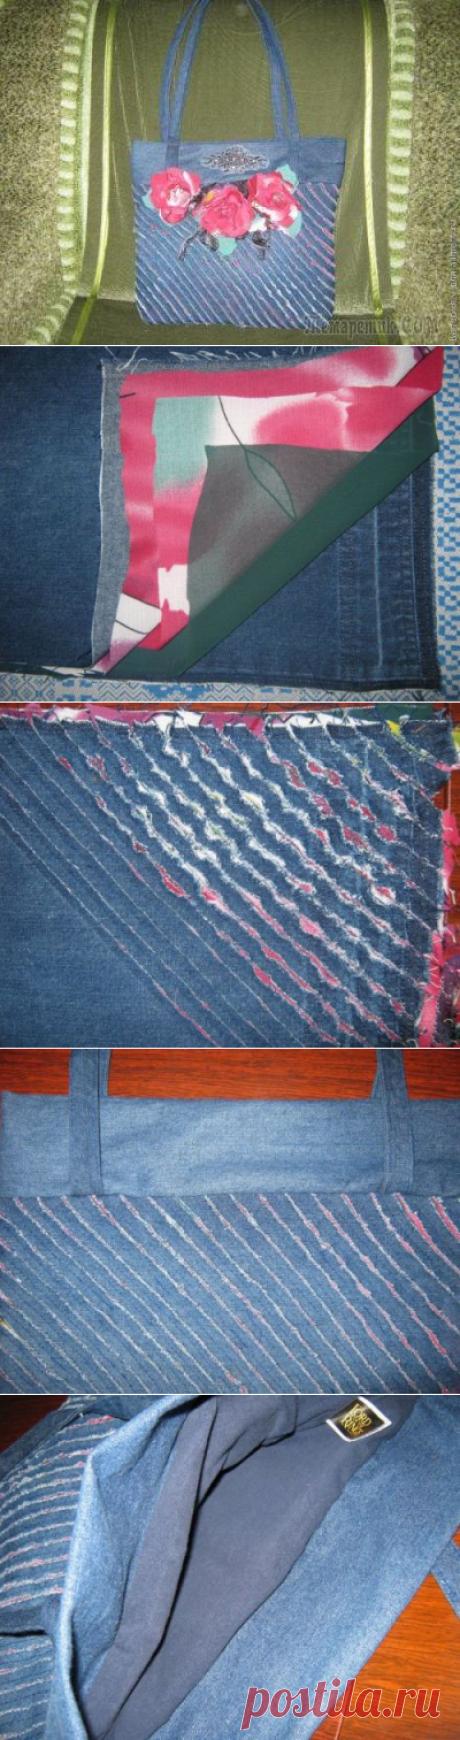 Мастер-класс сумочки в стиле «Синель»